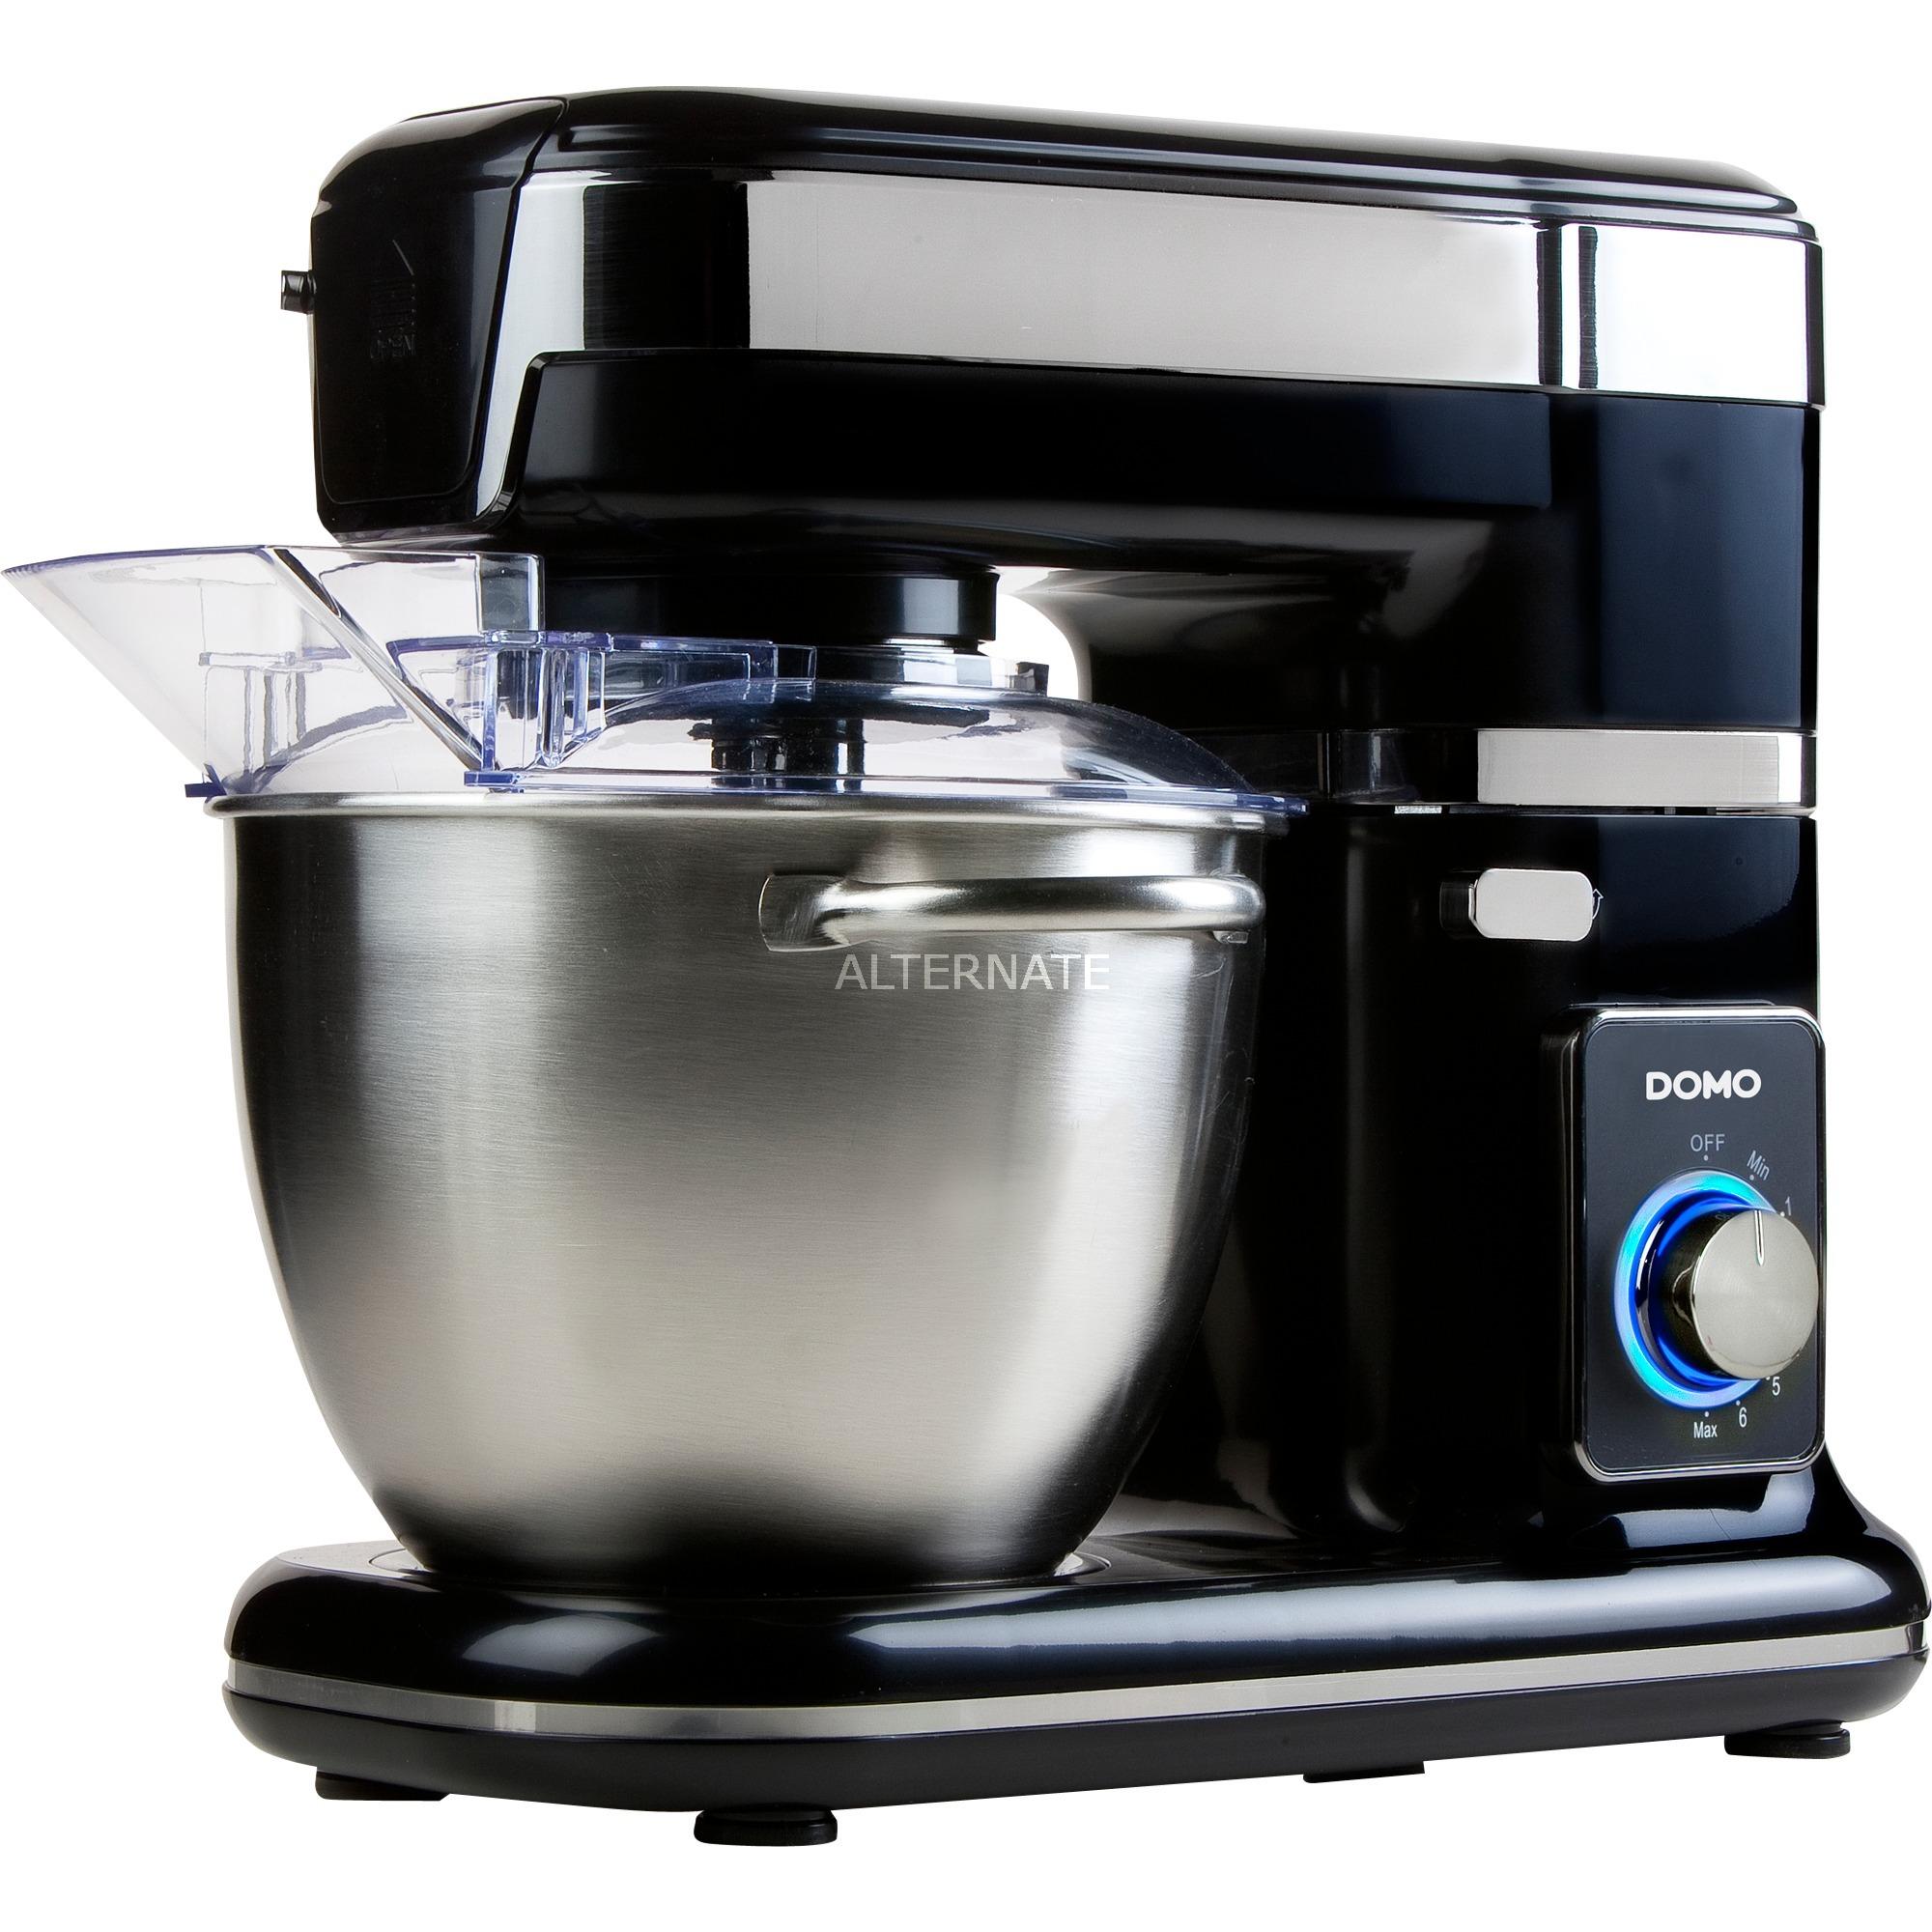 DO9077KR 1000W 4.5L Negro, Metálico robot de cocina